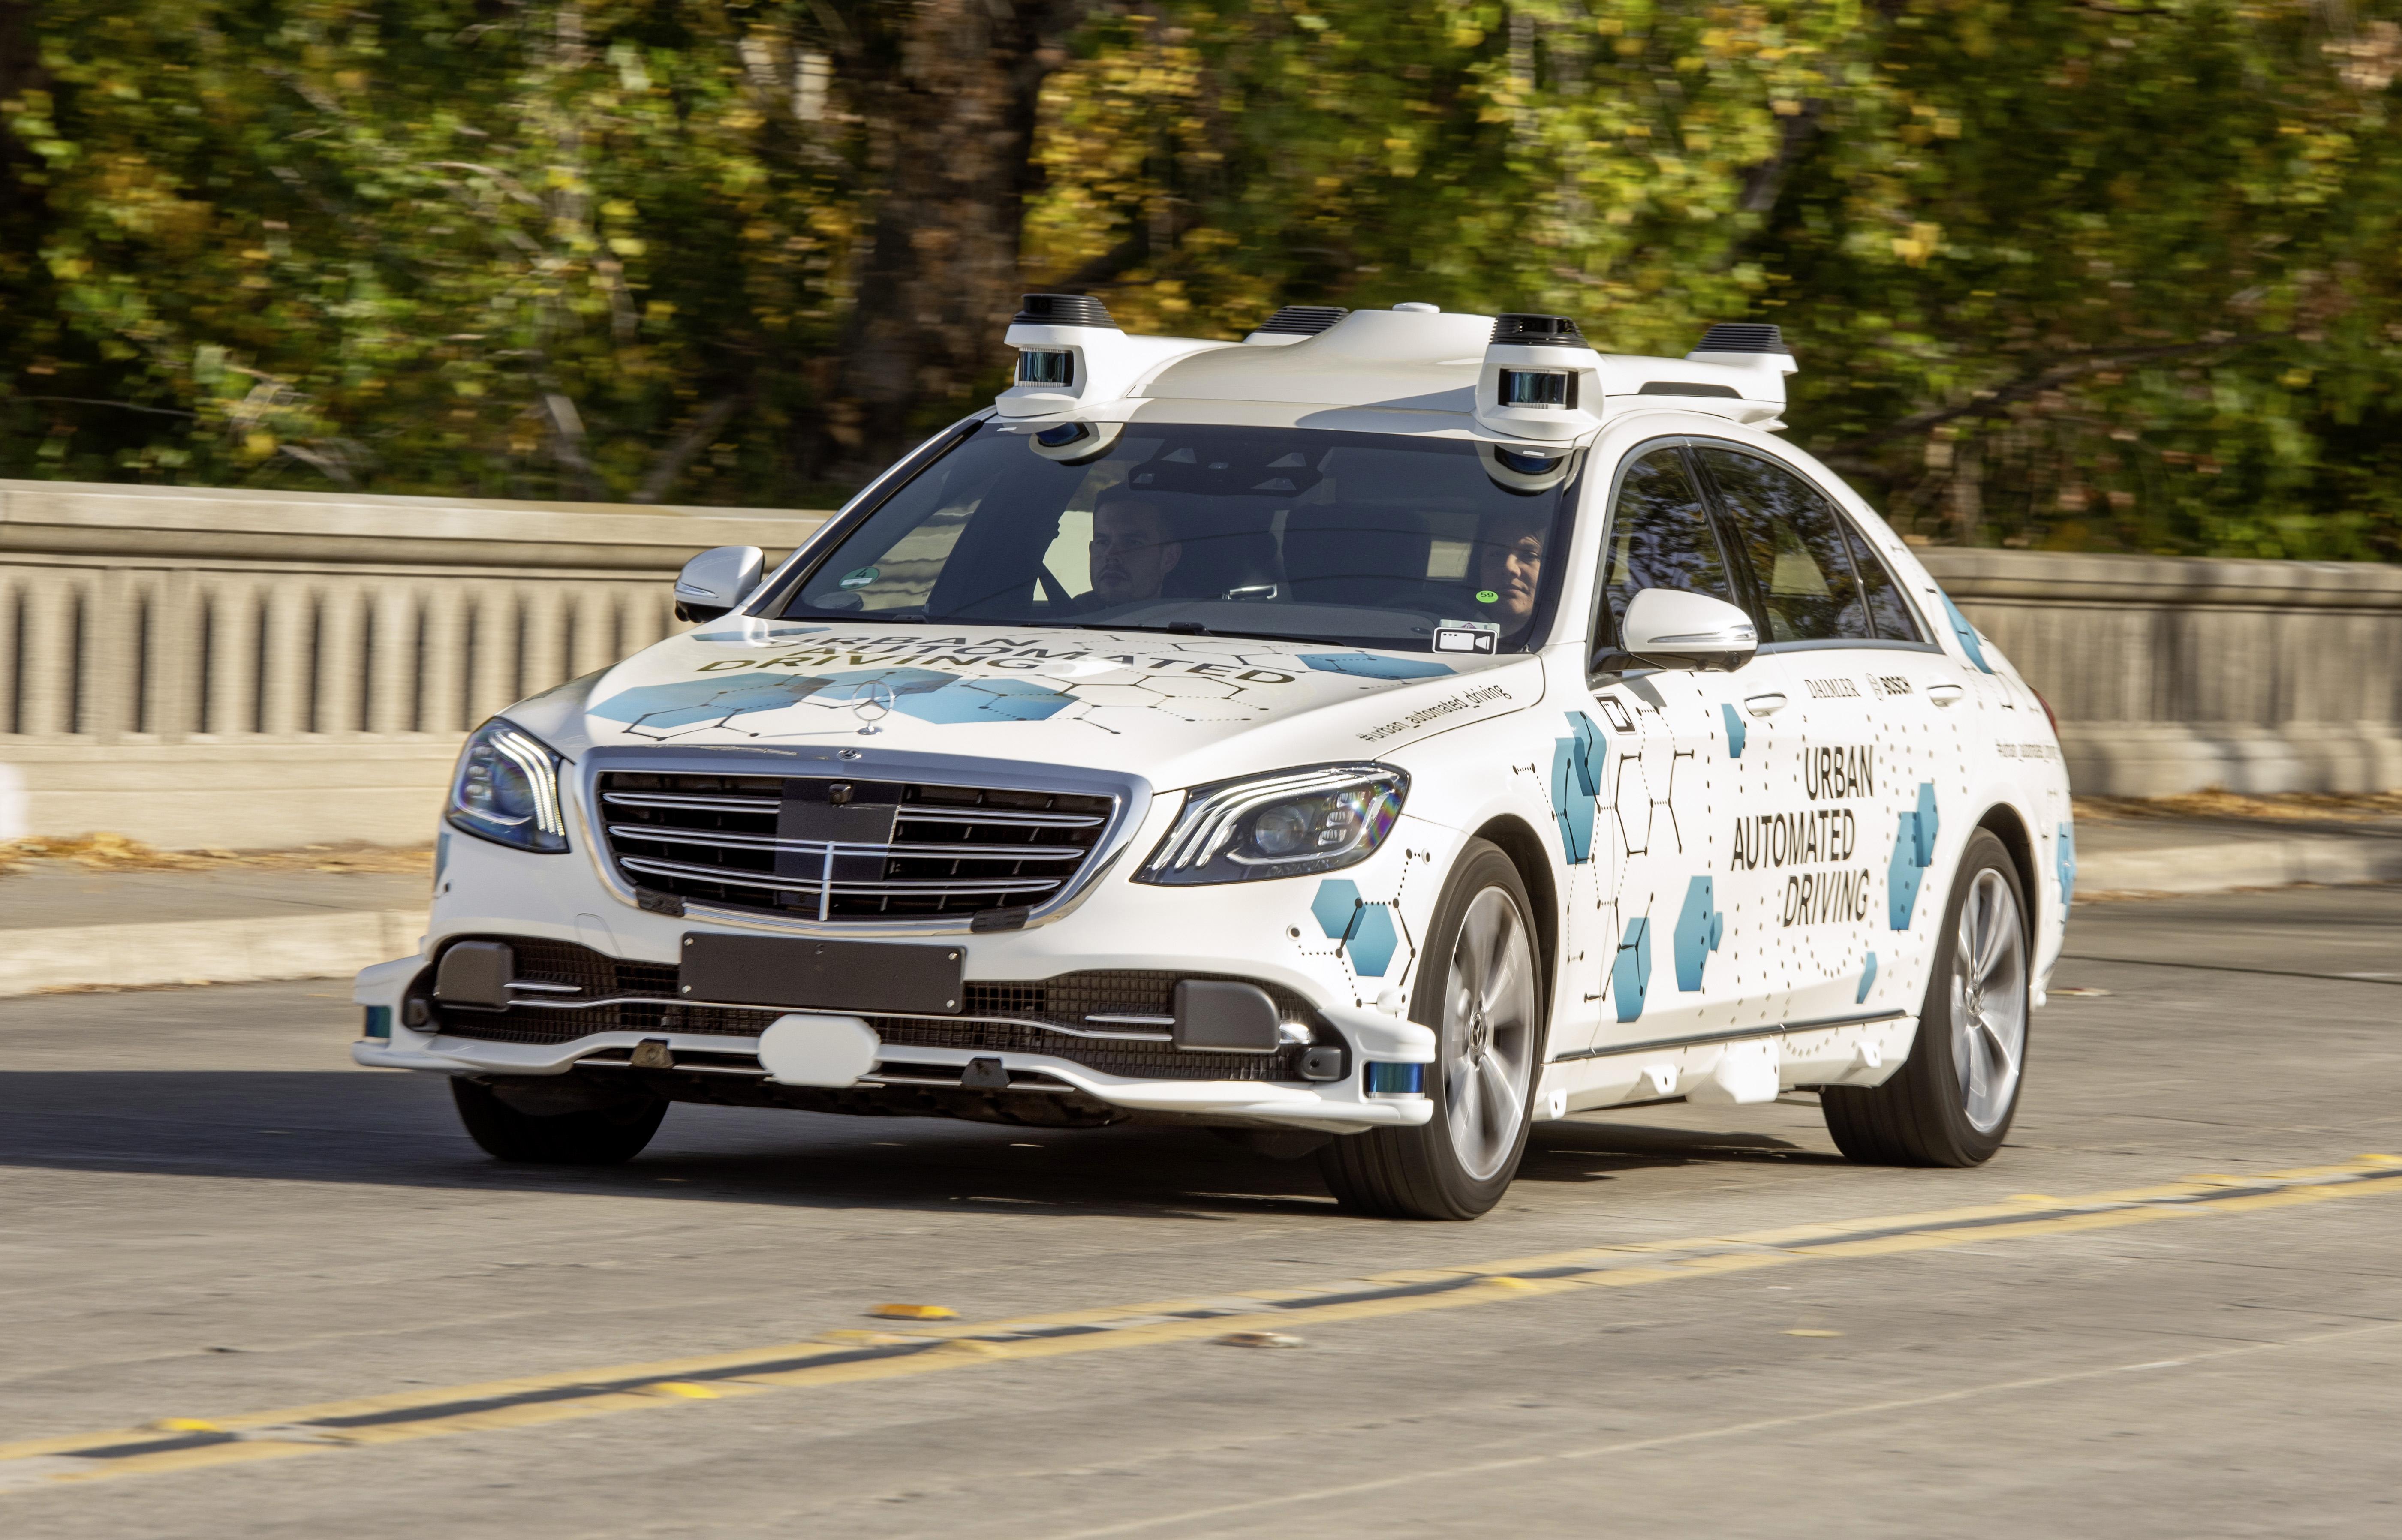 Bosch, Mercedes Launch Driverless Ride-Hailing Service